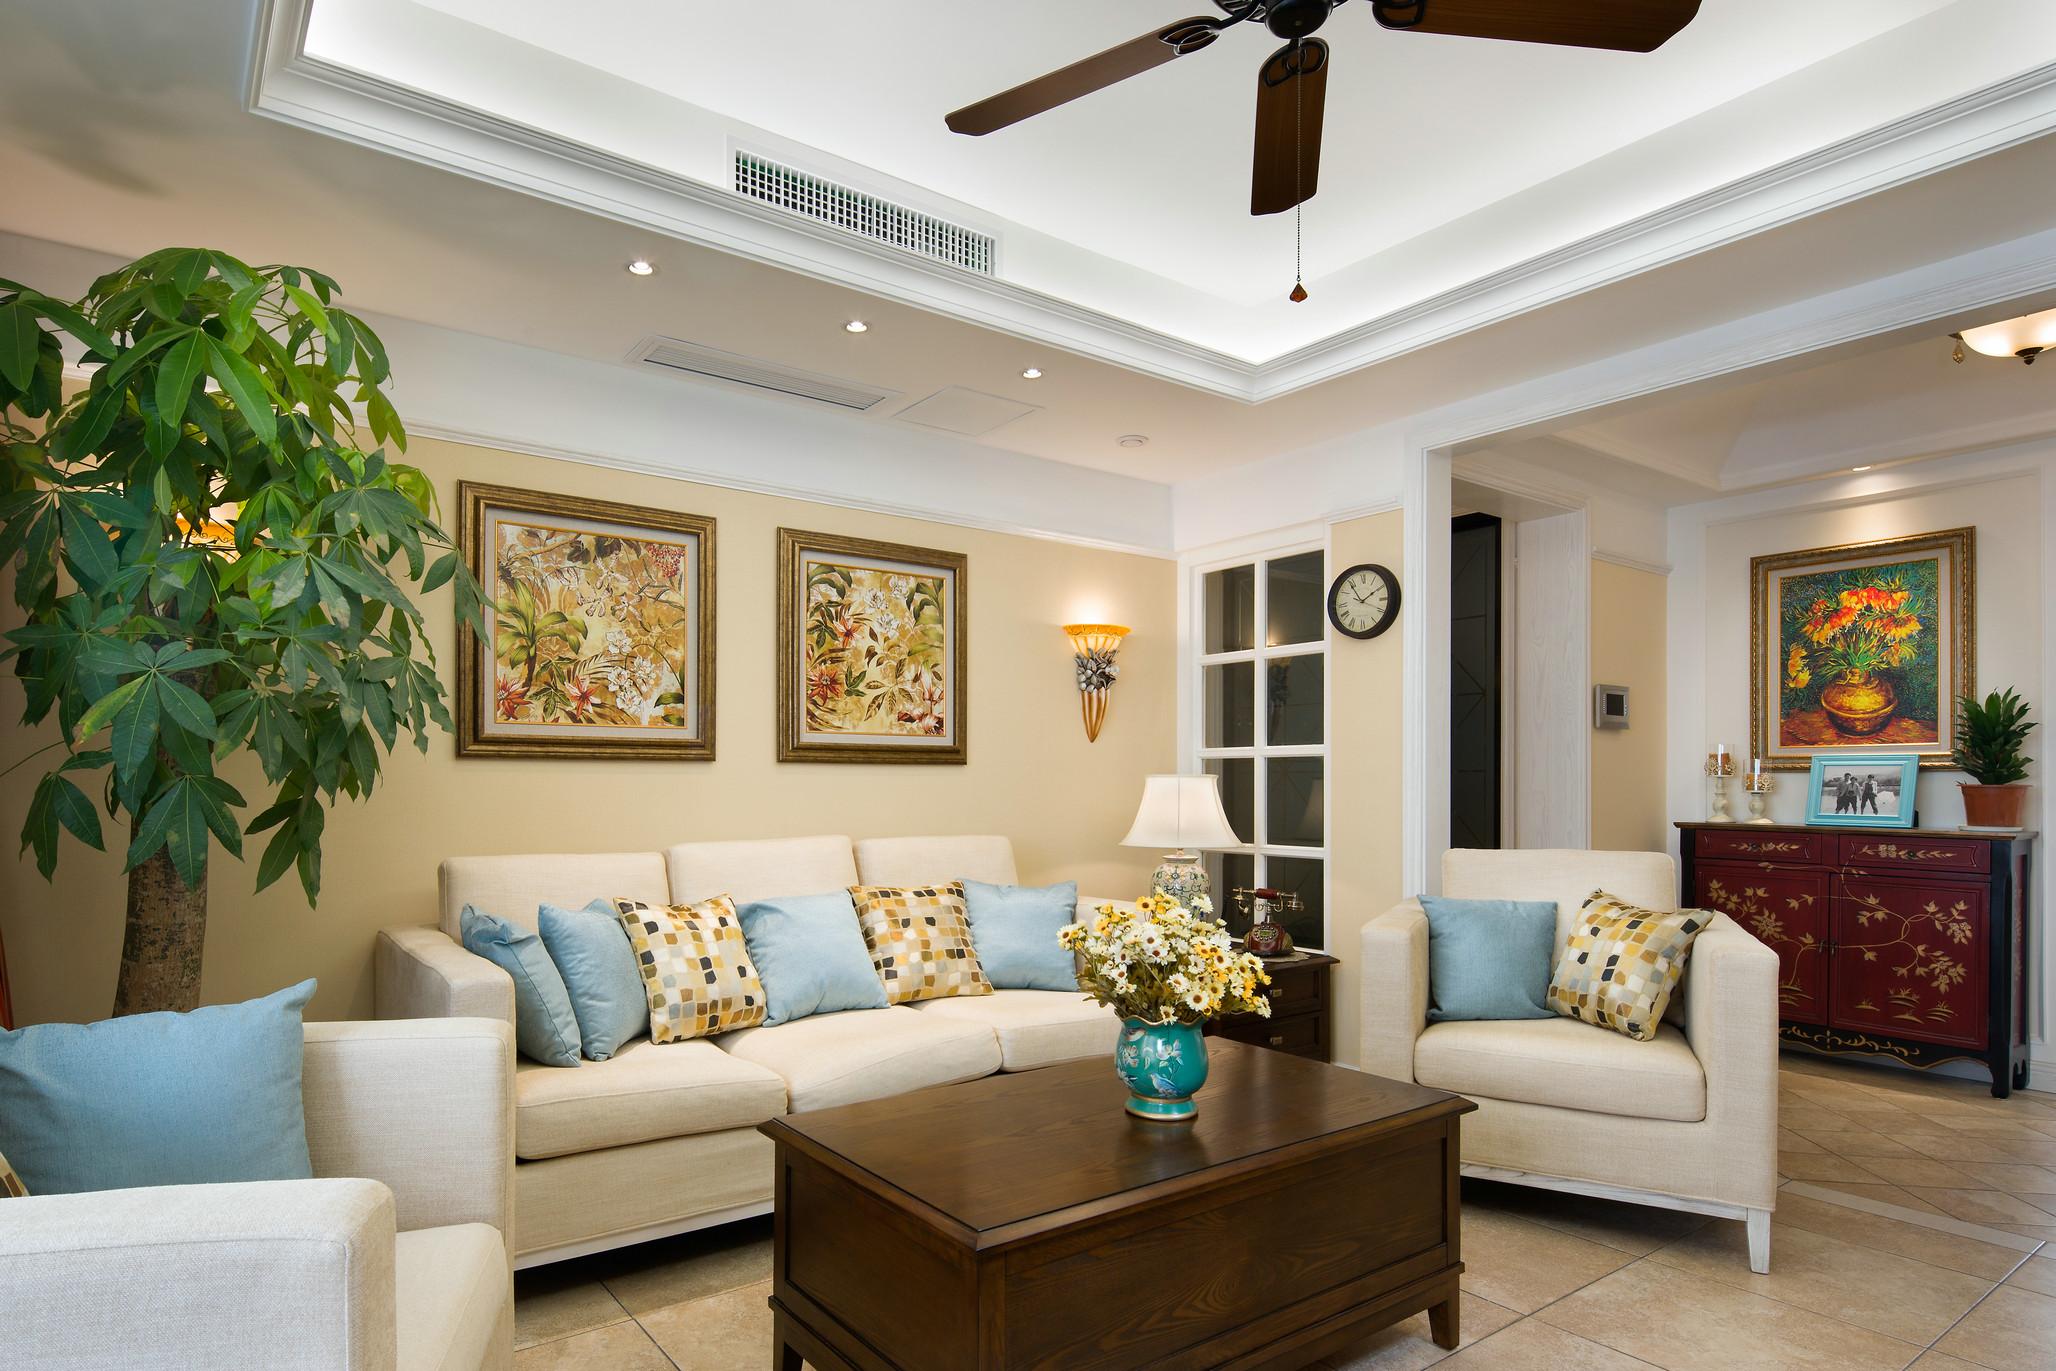 屋子的整体色调是浅色淡雅的,深色的吊扇与原木桌子,为房间增加了一些承重。